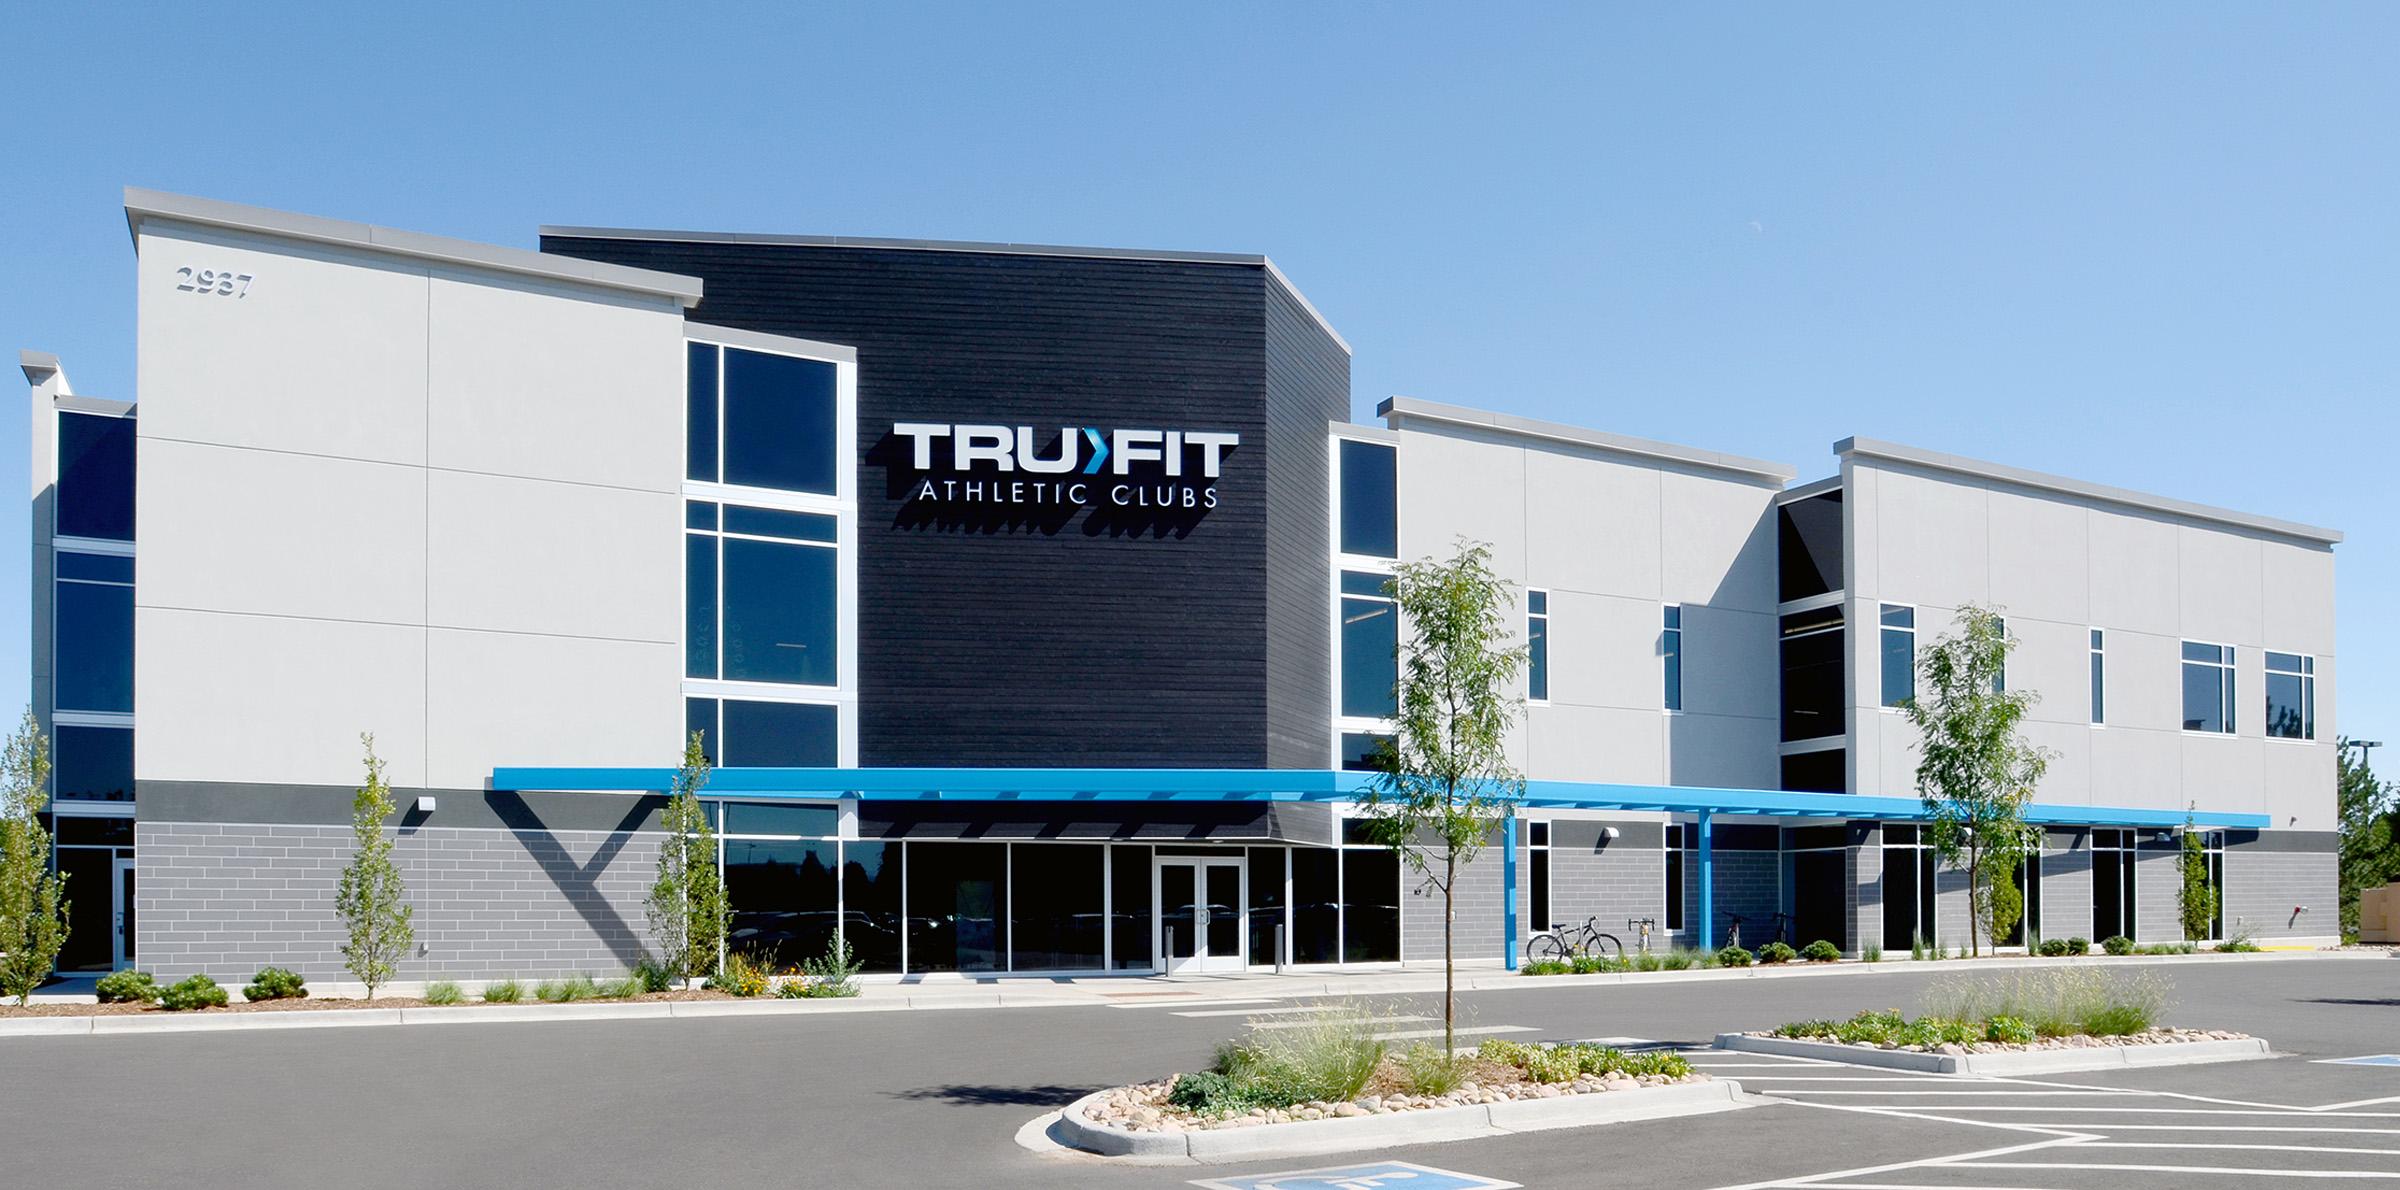 TruFit-1.jpg